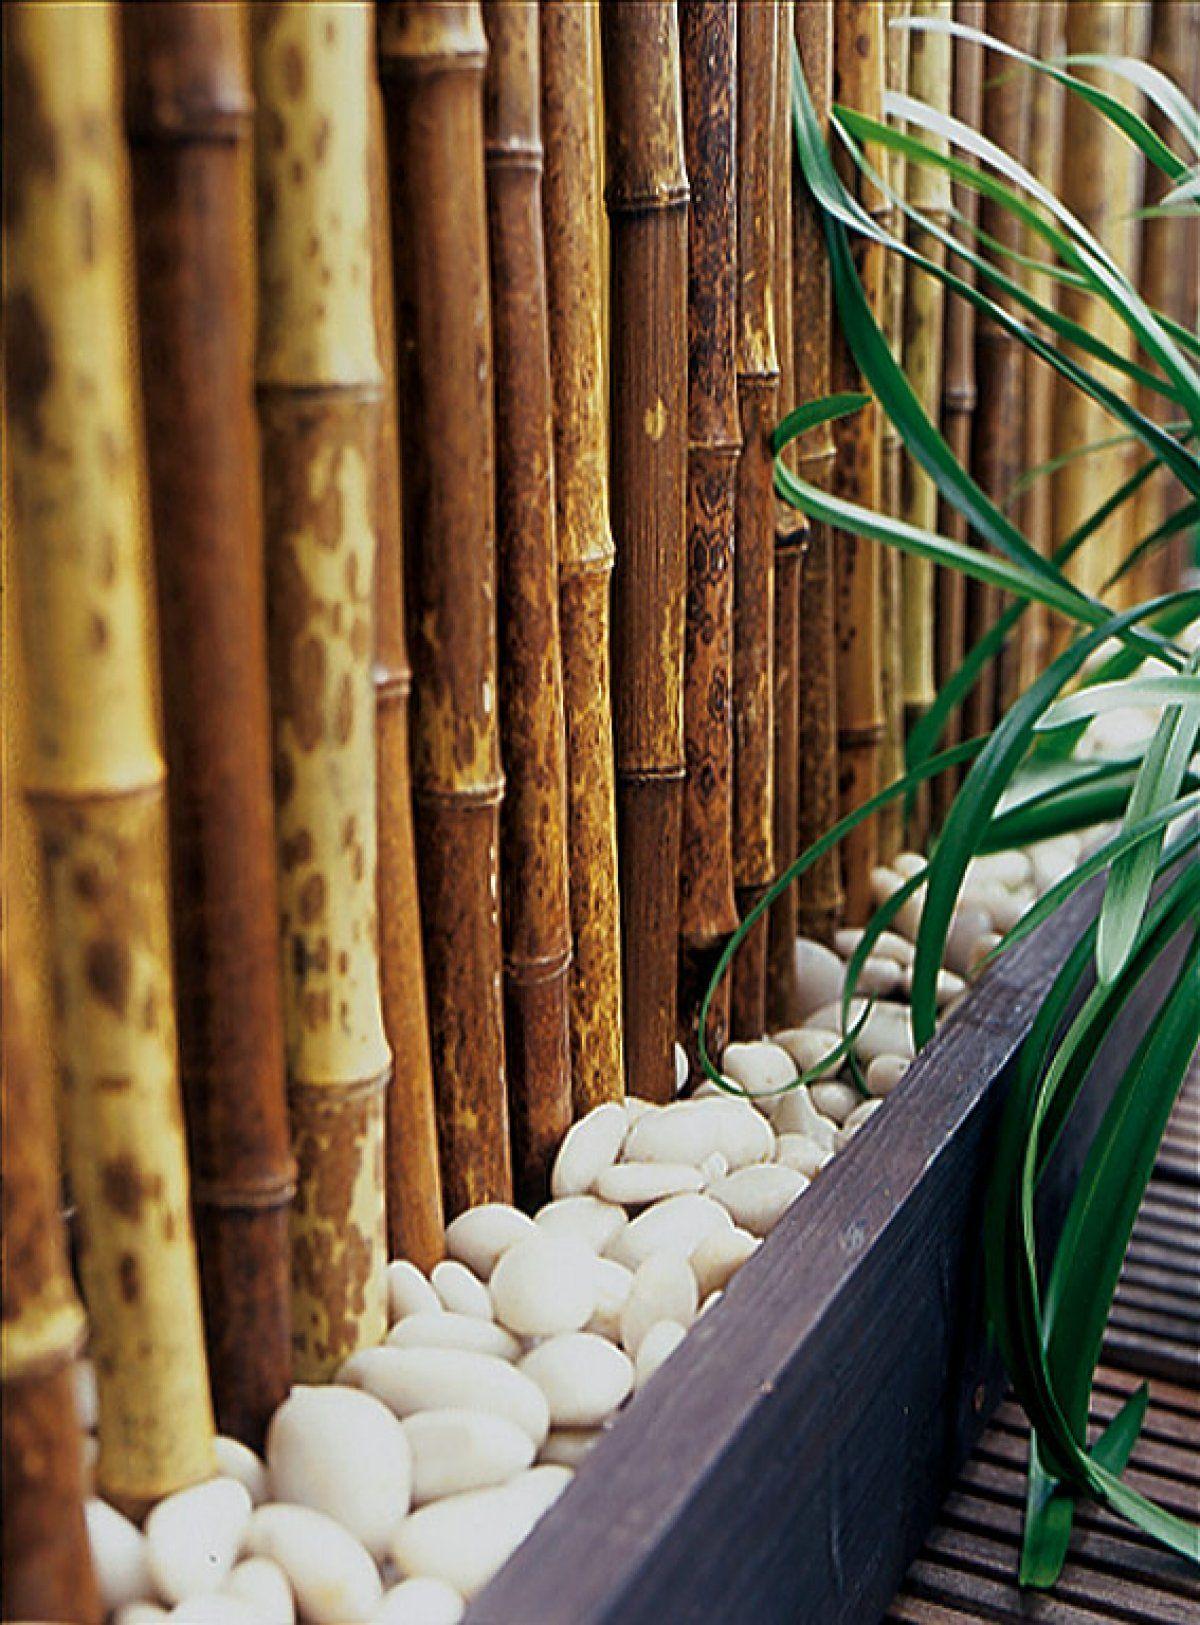 Full Size of Paravent Bambus Balkon Fotostrecke Perfekte Abschirmung Balkonschirm Campania Von Garten Bett Wohnzimmer Paravent Bambus Balkon